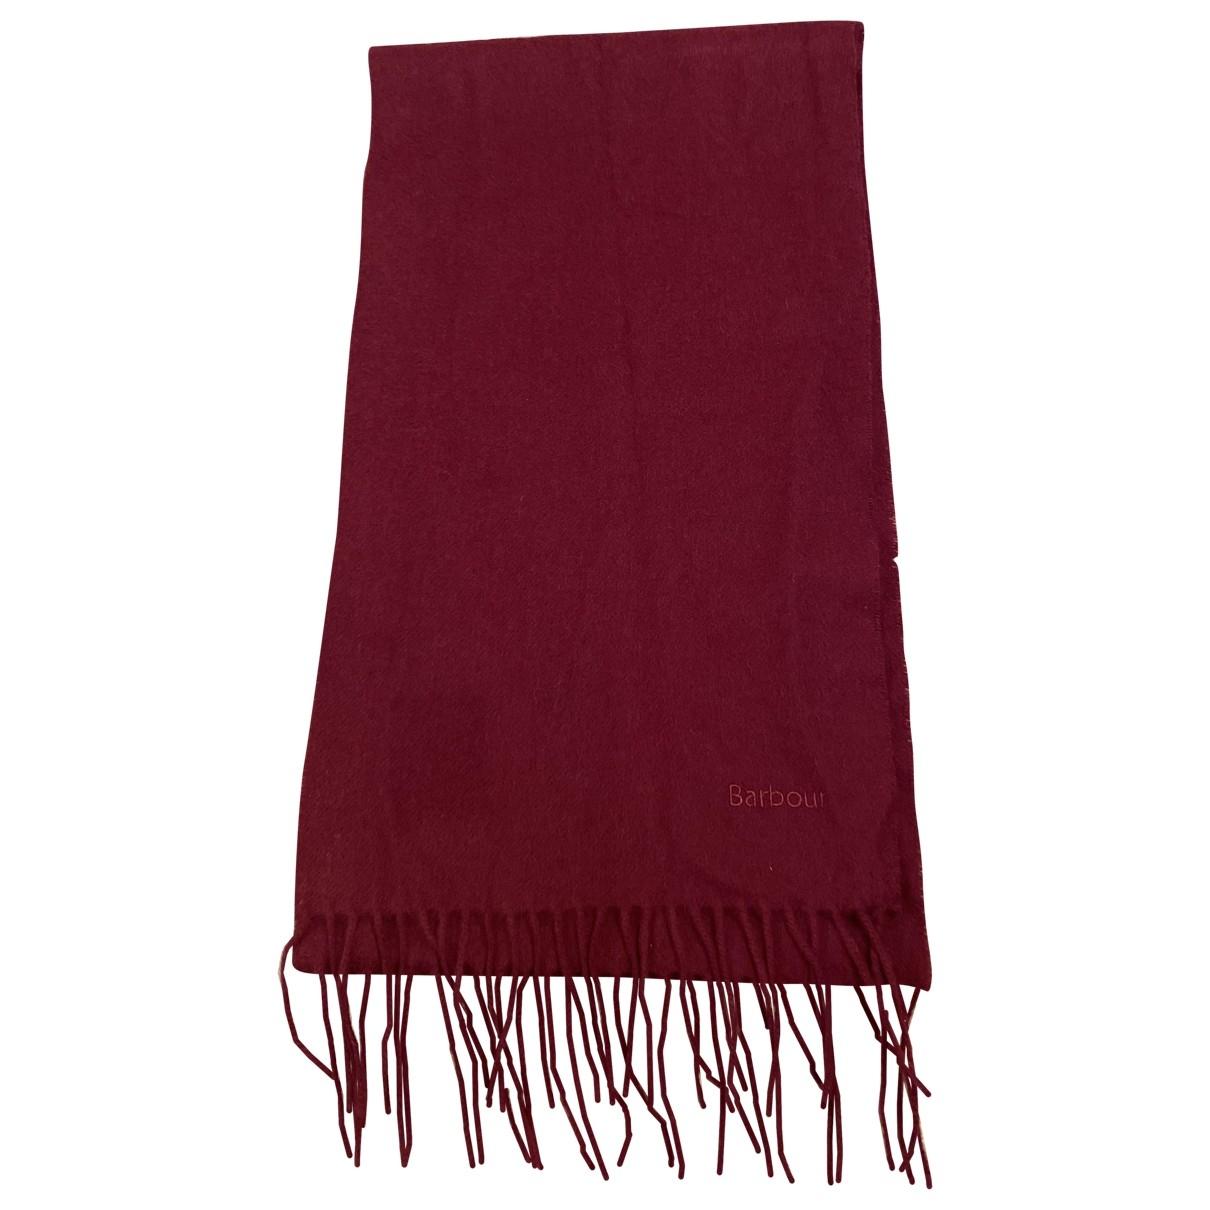 Barbour \N Red Wool scarf for Women \N